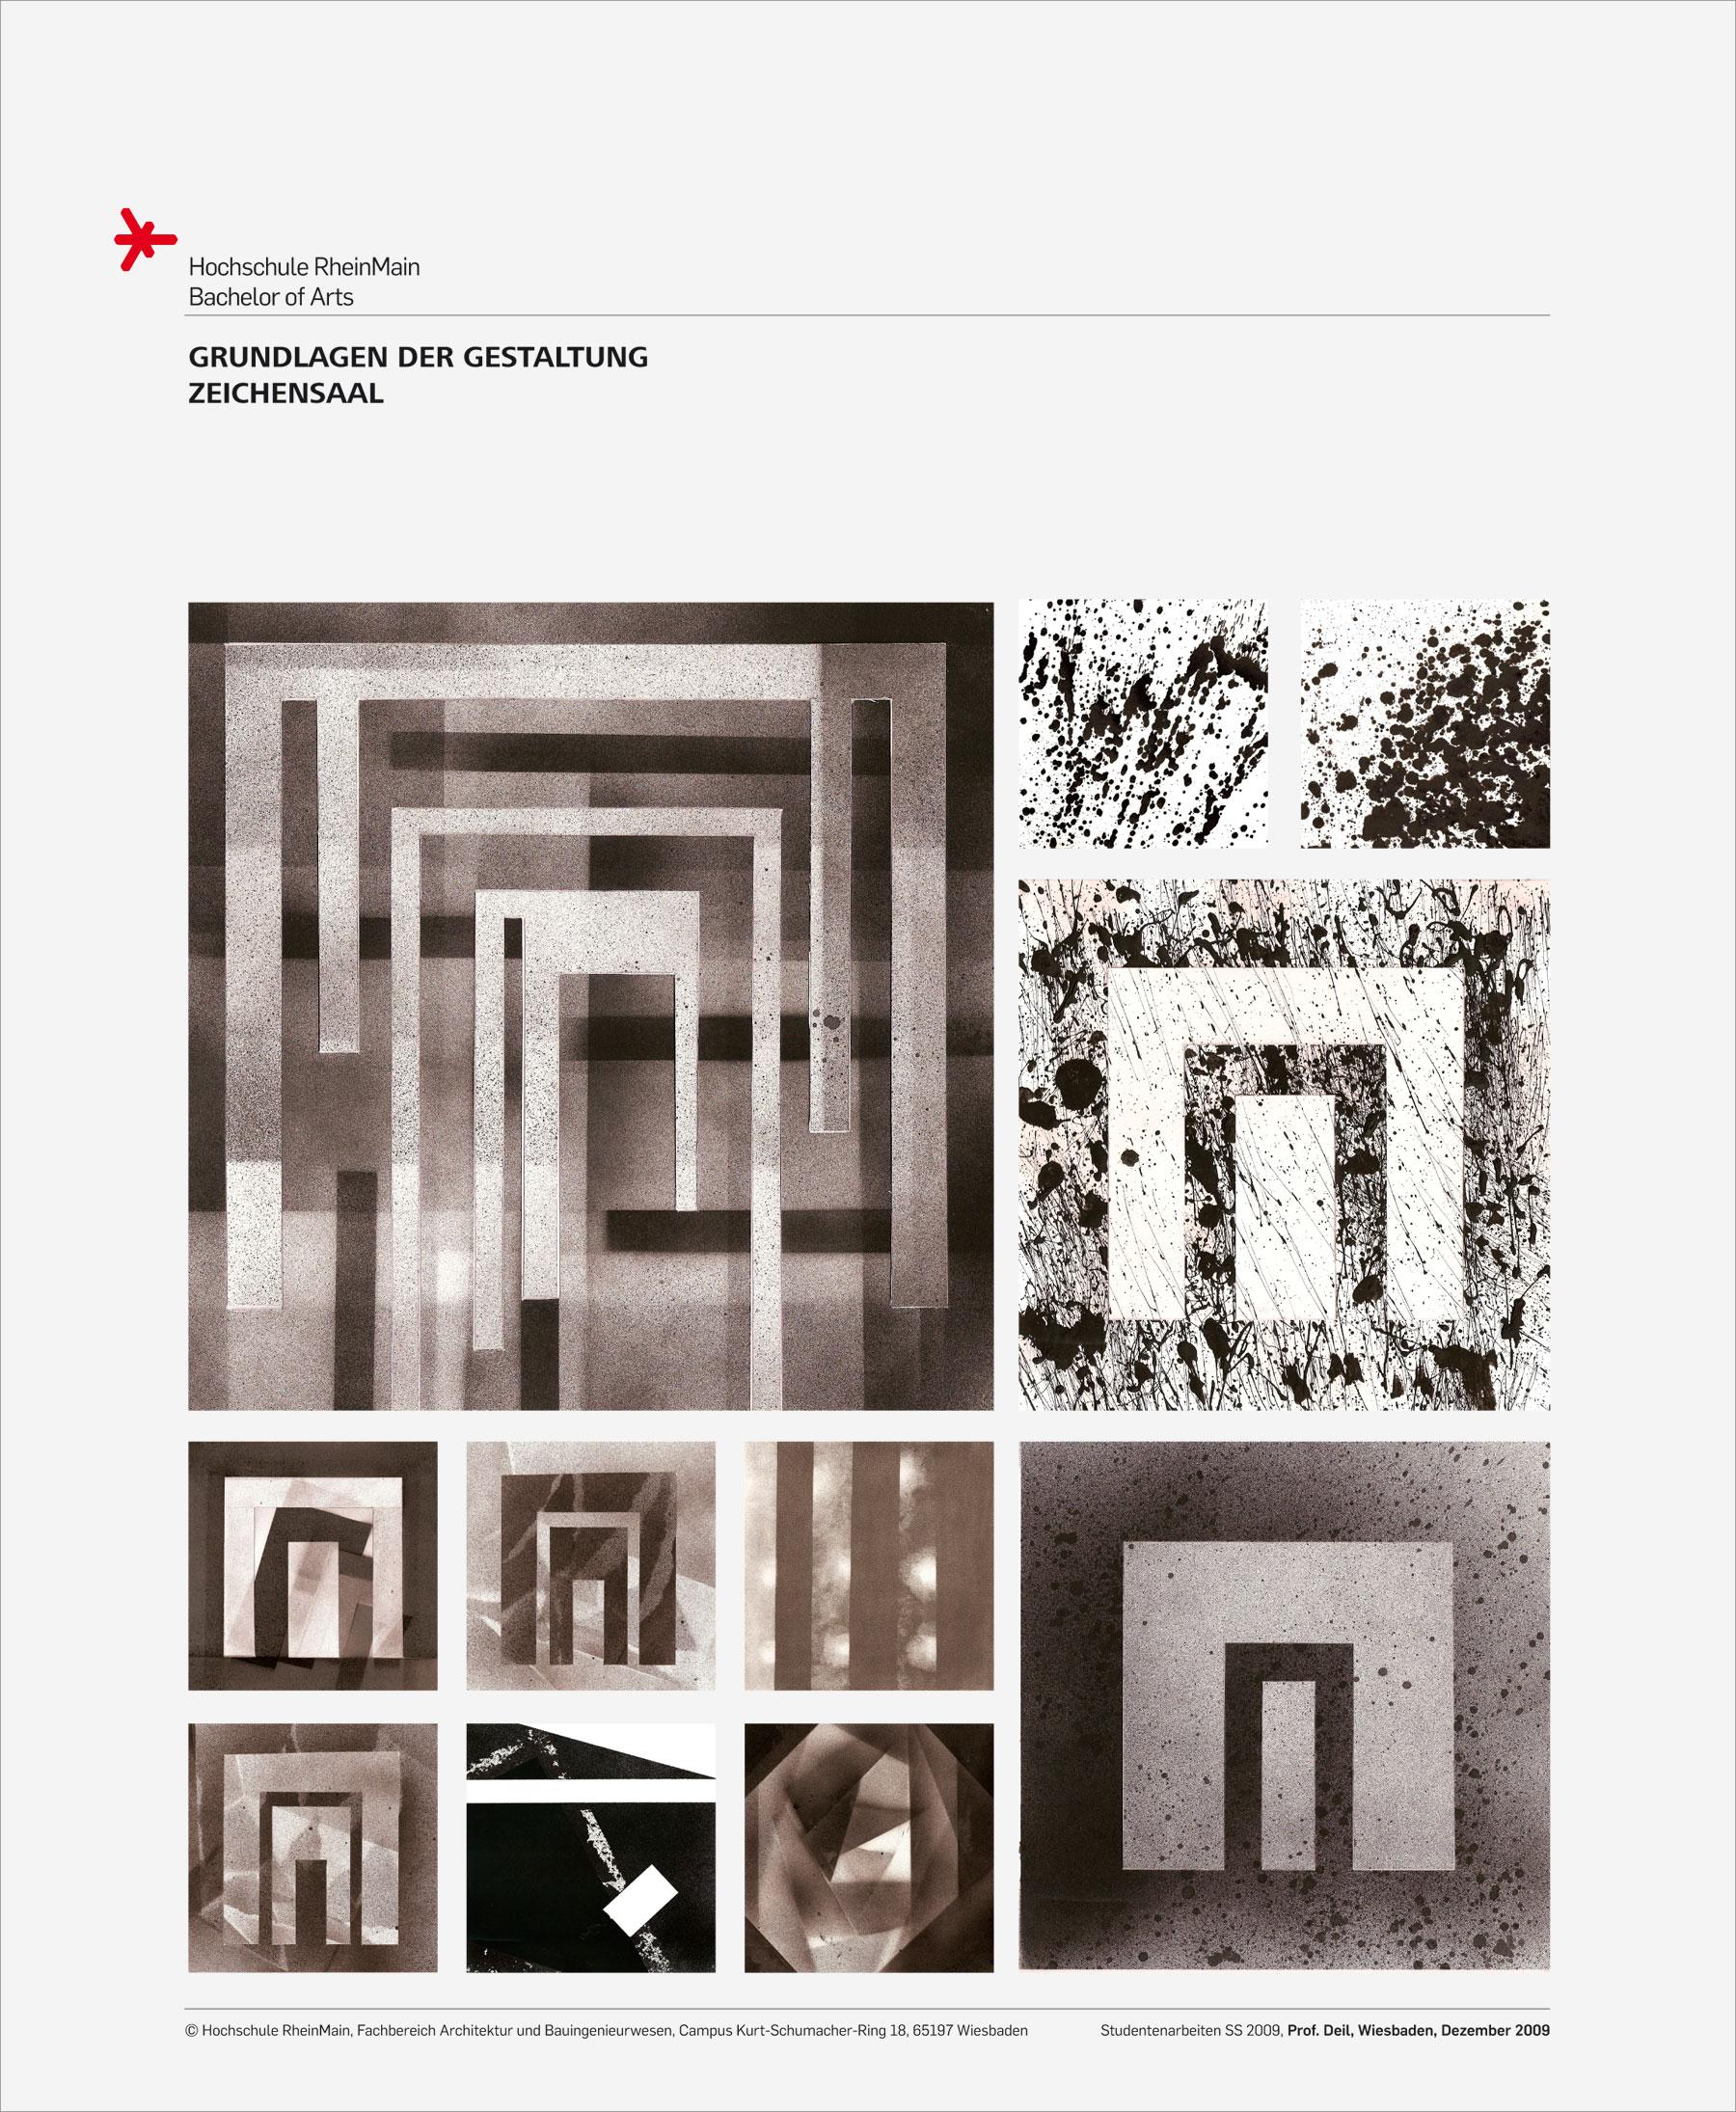 plakat-grundlagen-der-gestaltung-rudolf-deil-hsrm-06